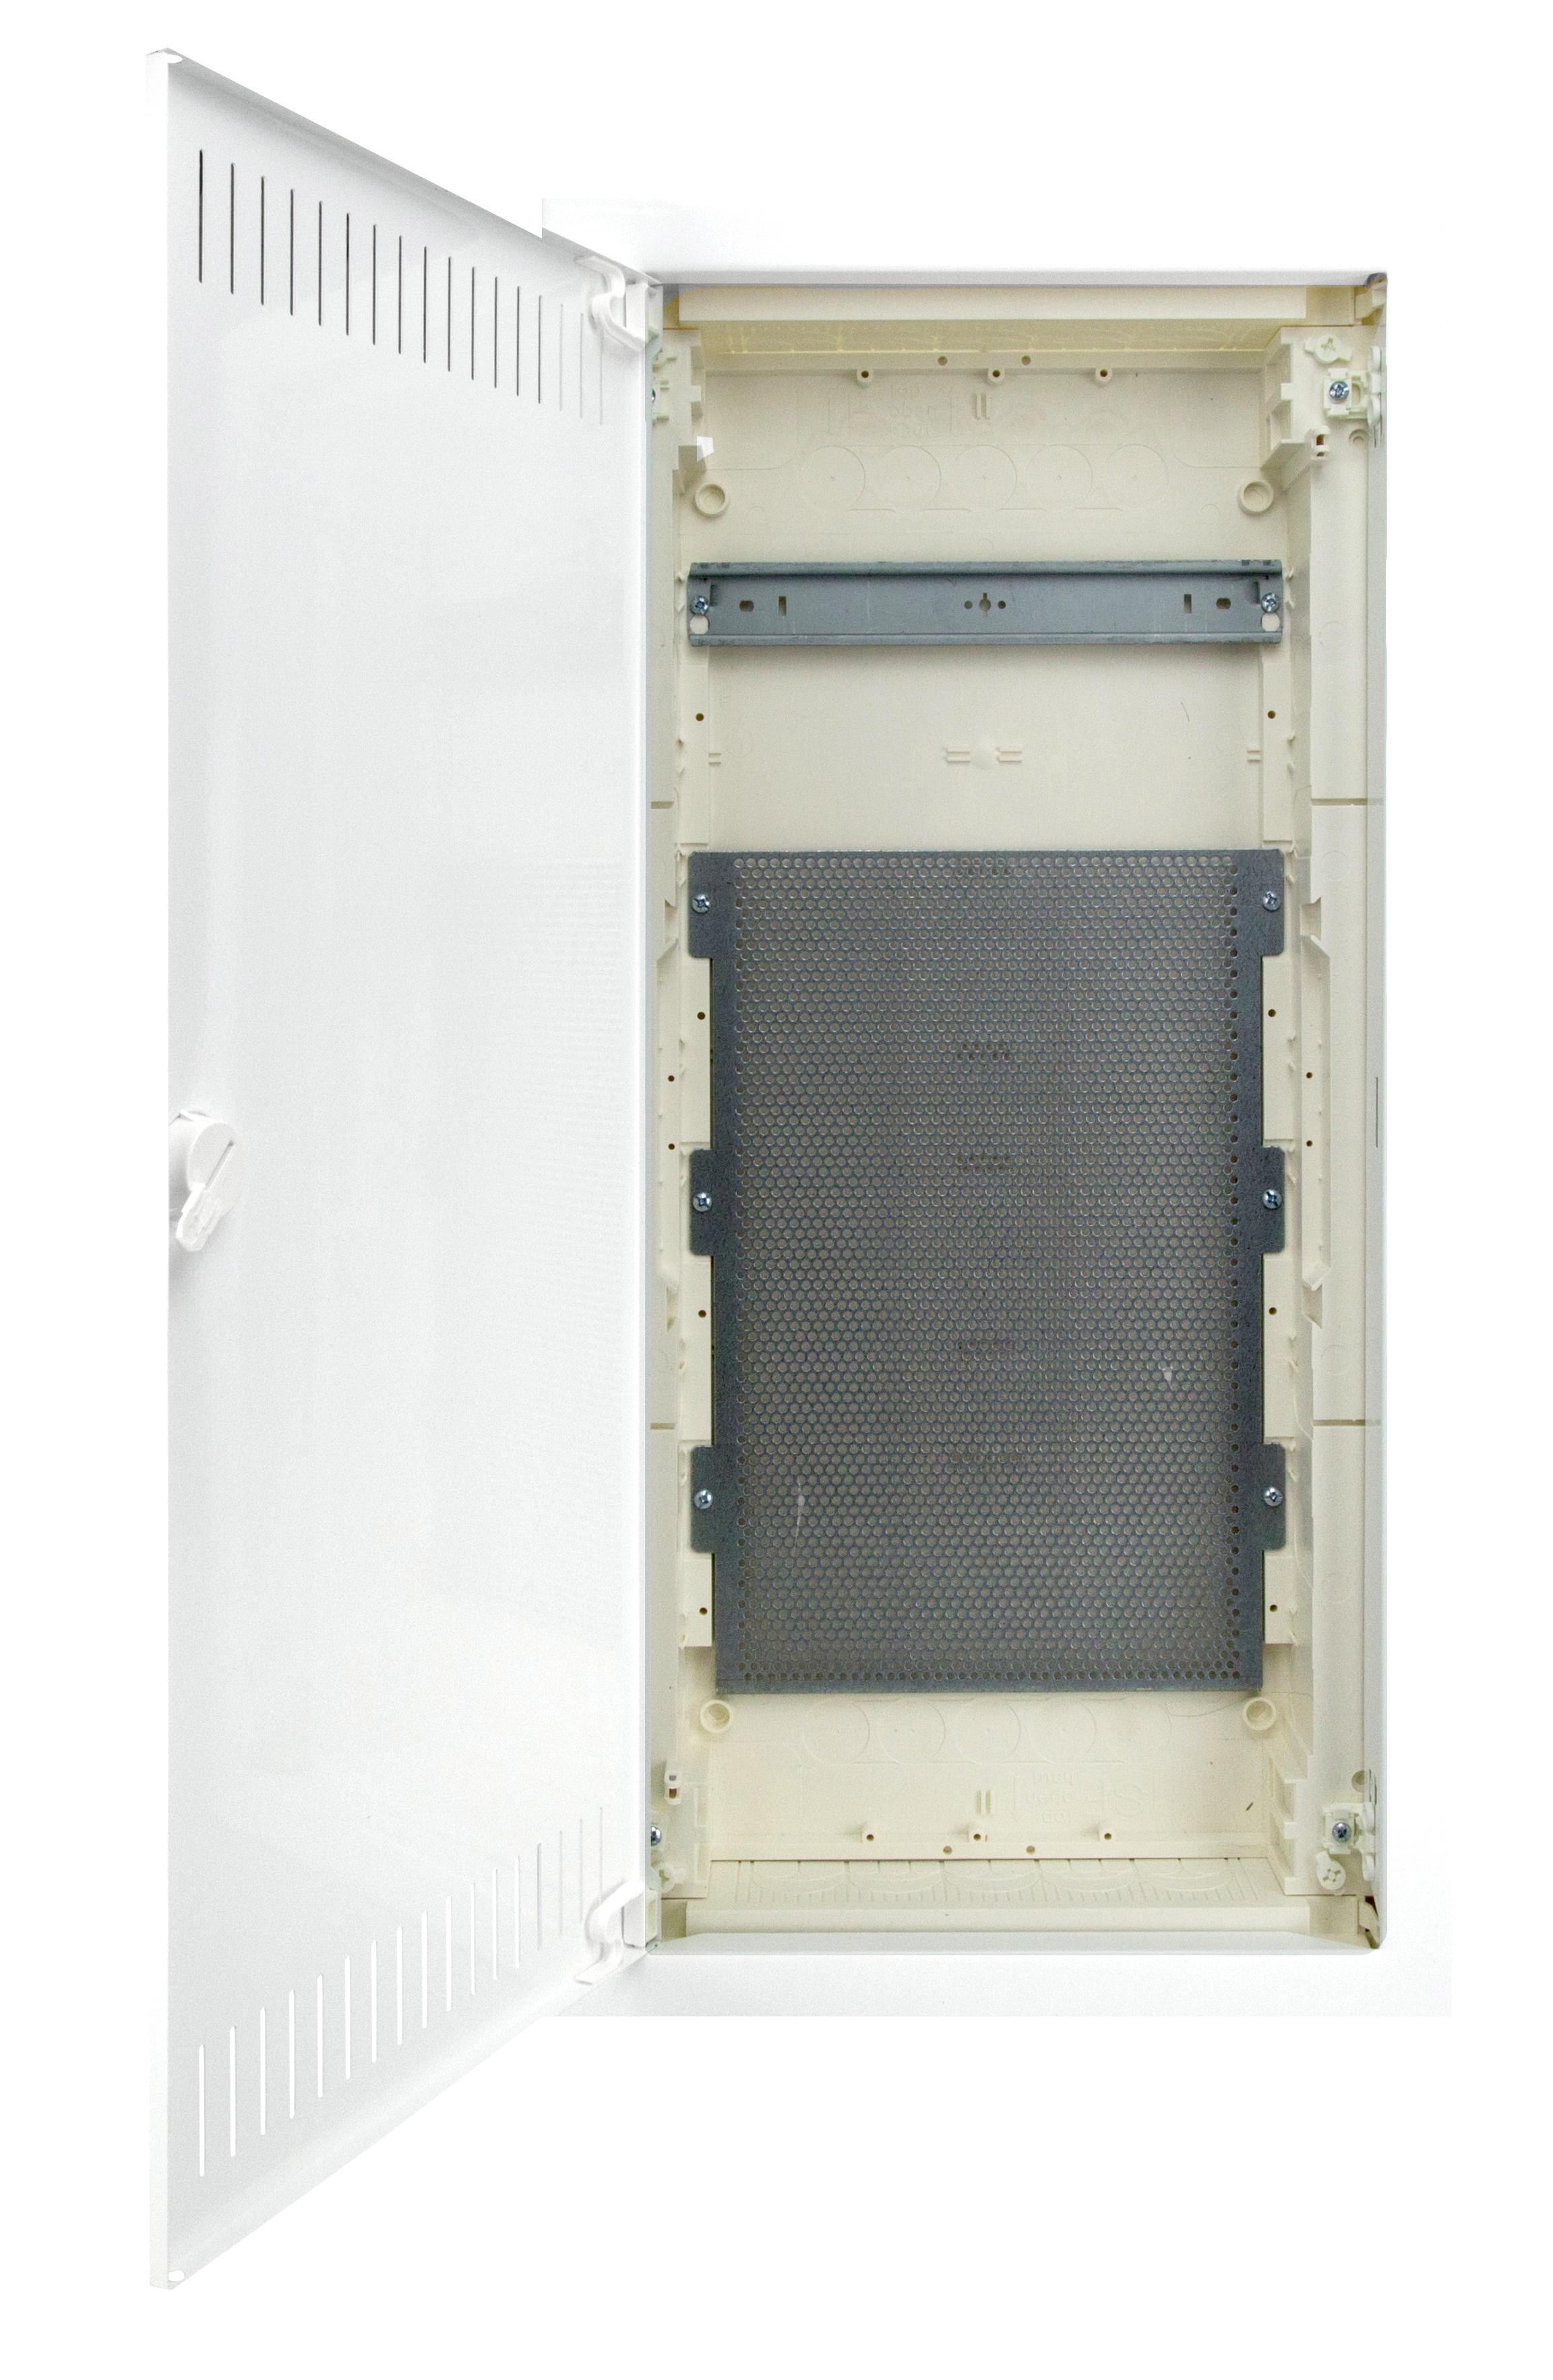 1 Stk UP Mediaverteiler MVM 4-r. 12/14TE - Mauerwerk Rahmen hoch BK073004-F